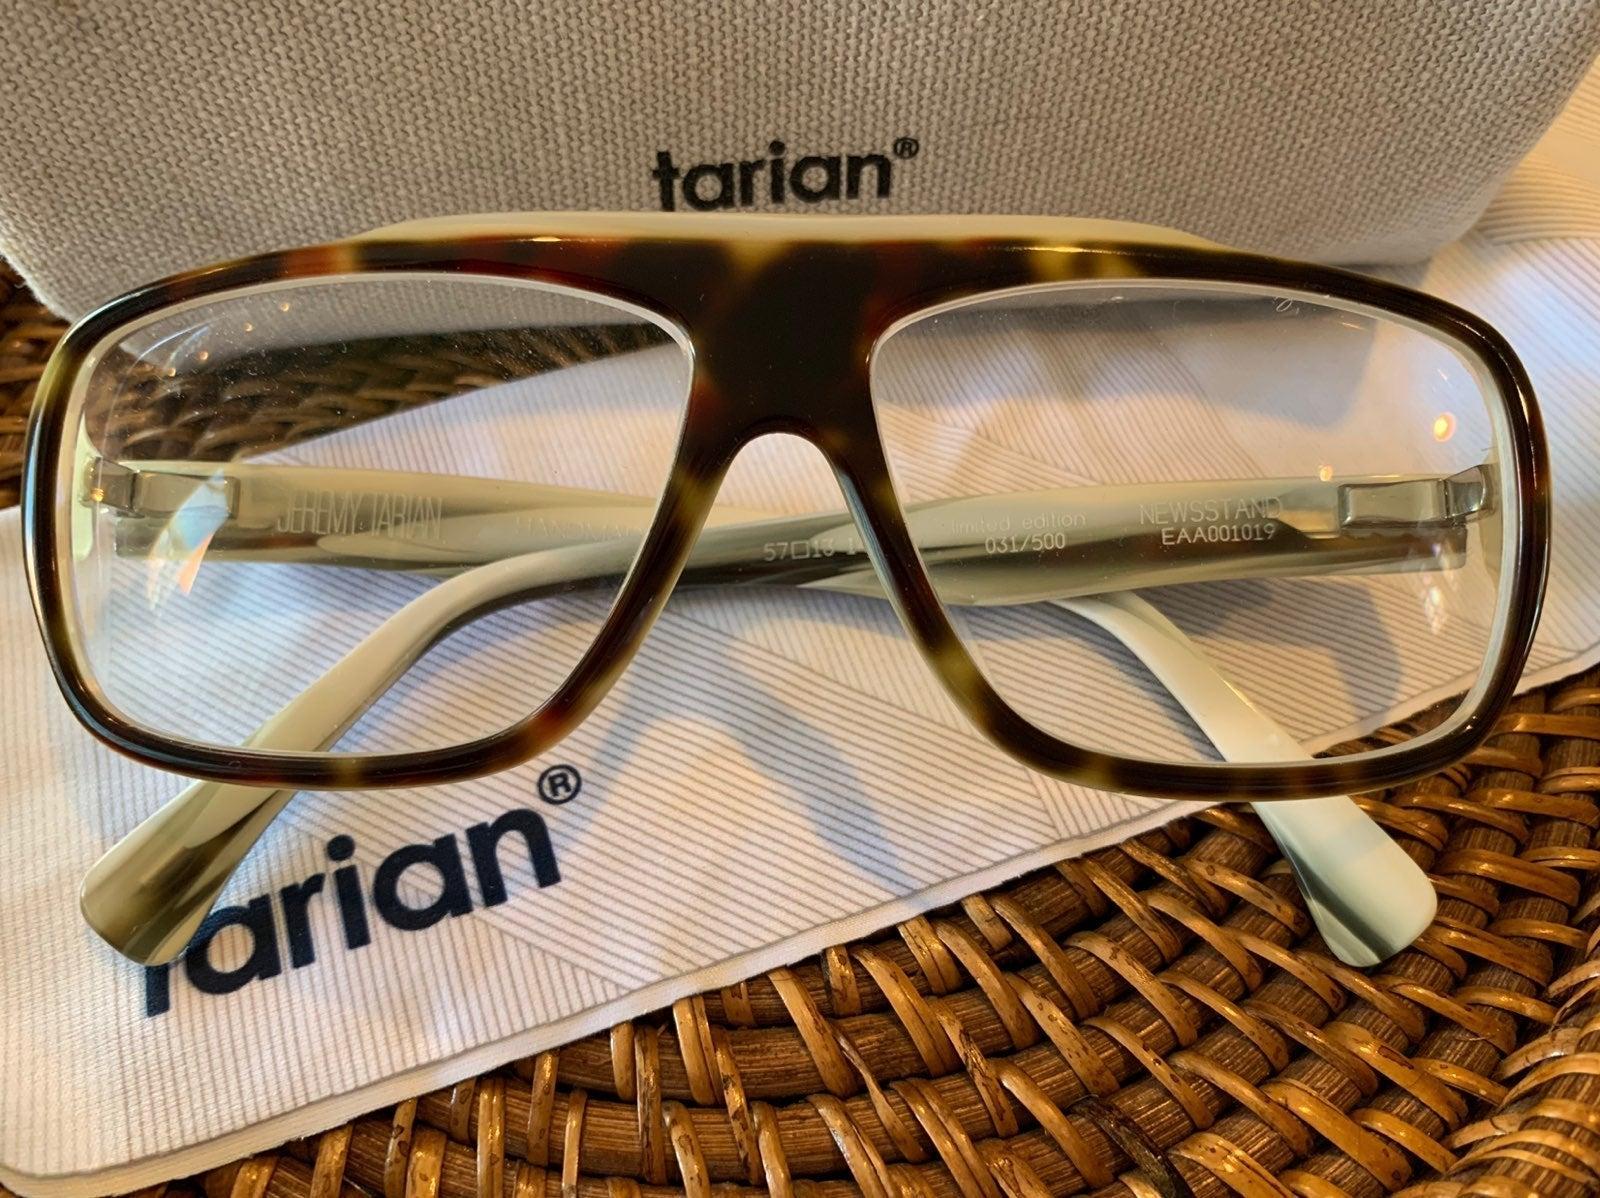 """Jeremy Tarian """"Newsstand"""" Unisex Frames"""